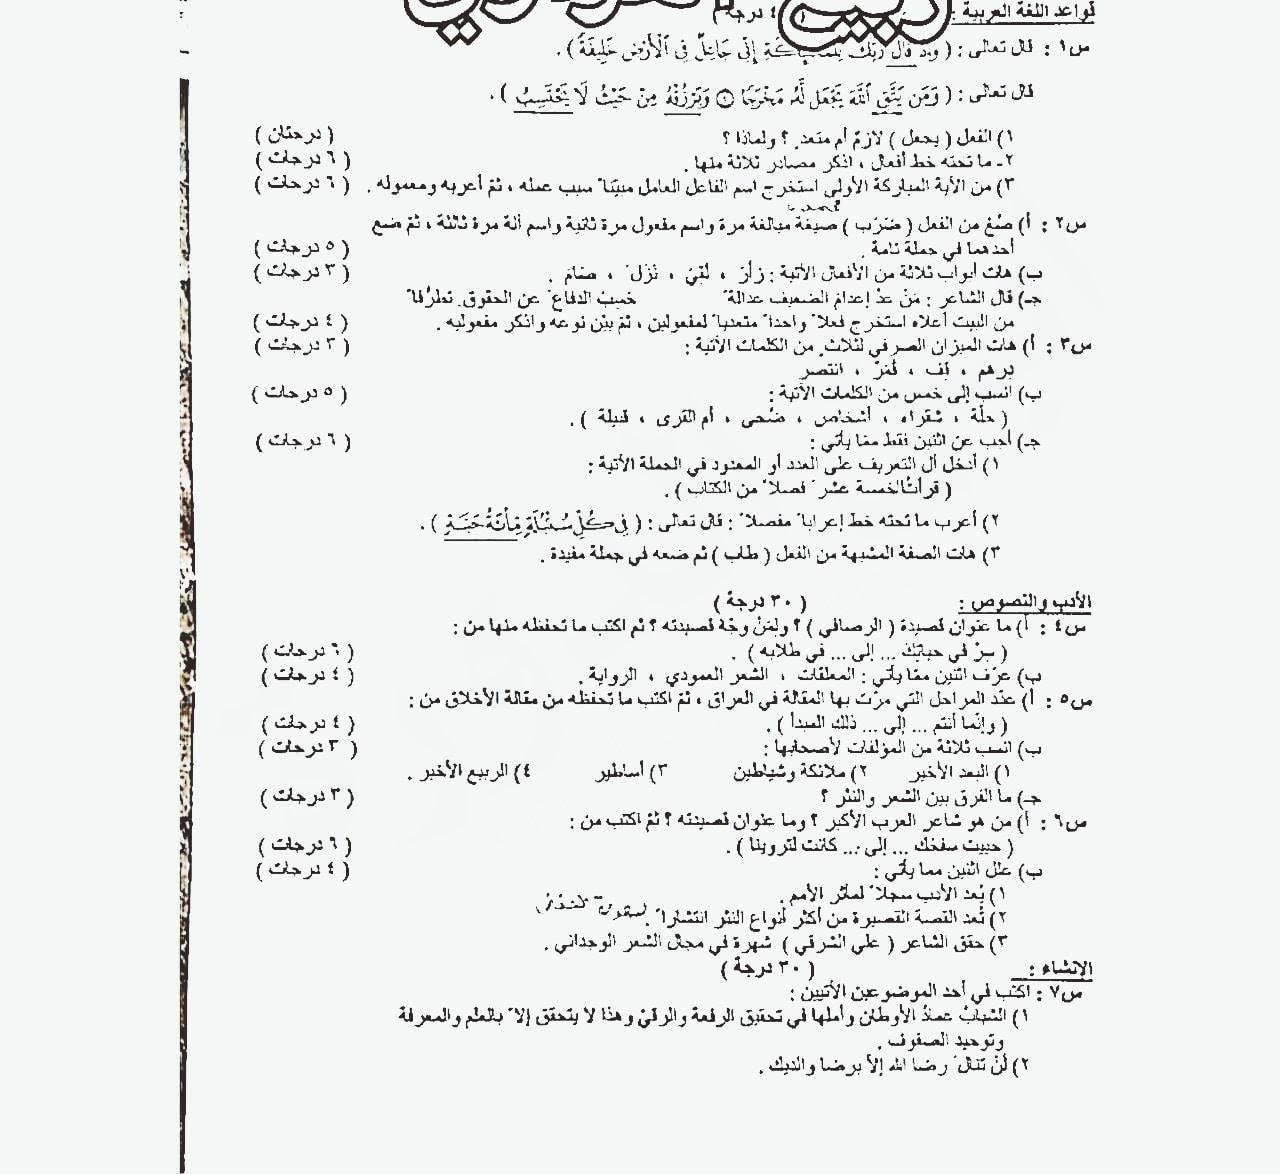 اسئلة اللغة العربية الثالث متوسط الدور الثالث 2018